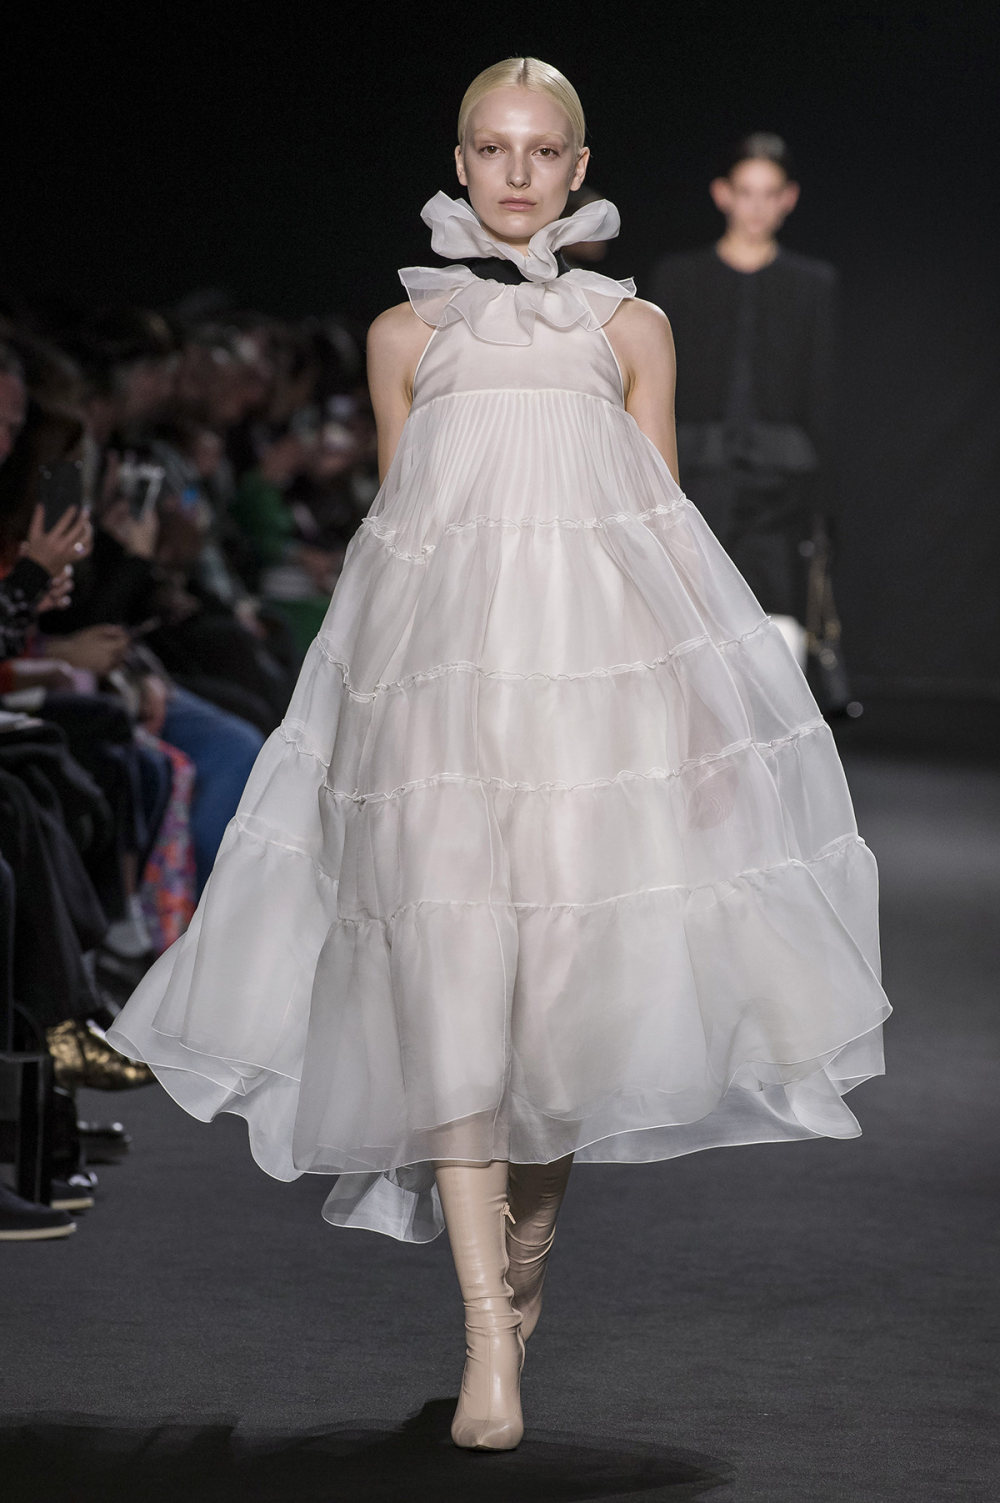 Rochas时装系列黑色无领斜纹软呢褶皱的黑色裙身饰有超细短袖衬衫-14.jpg